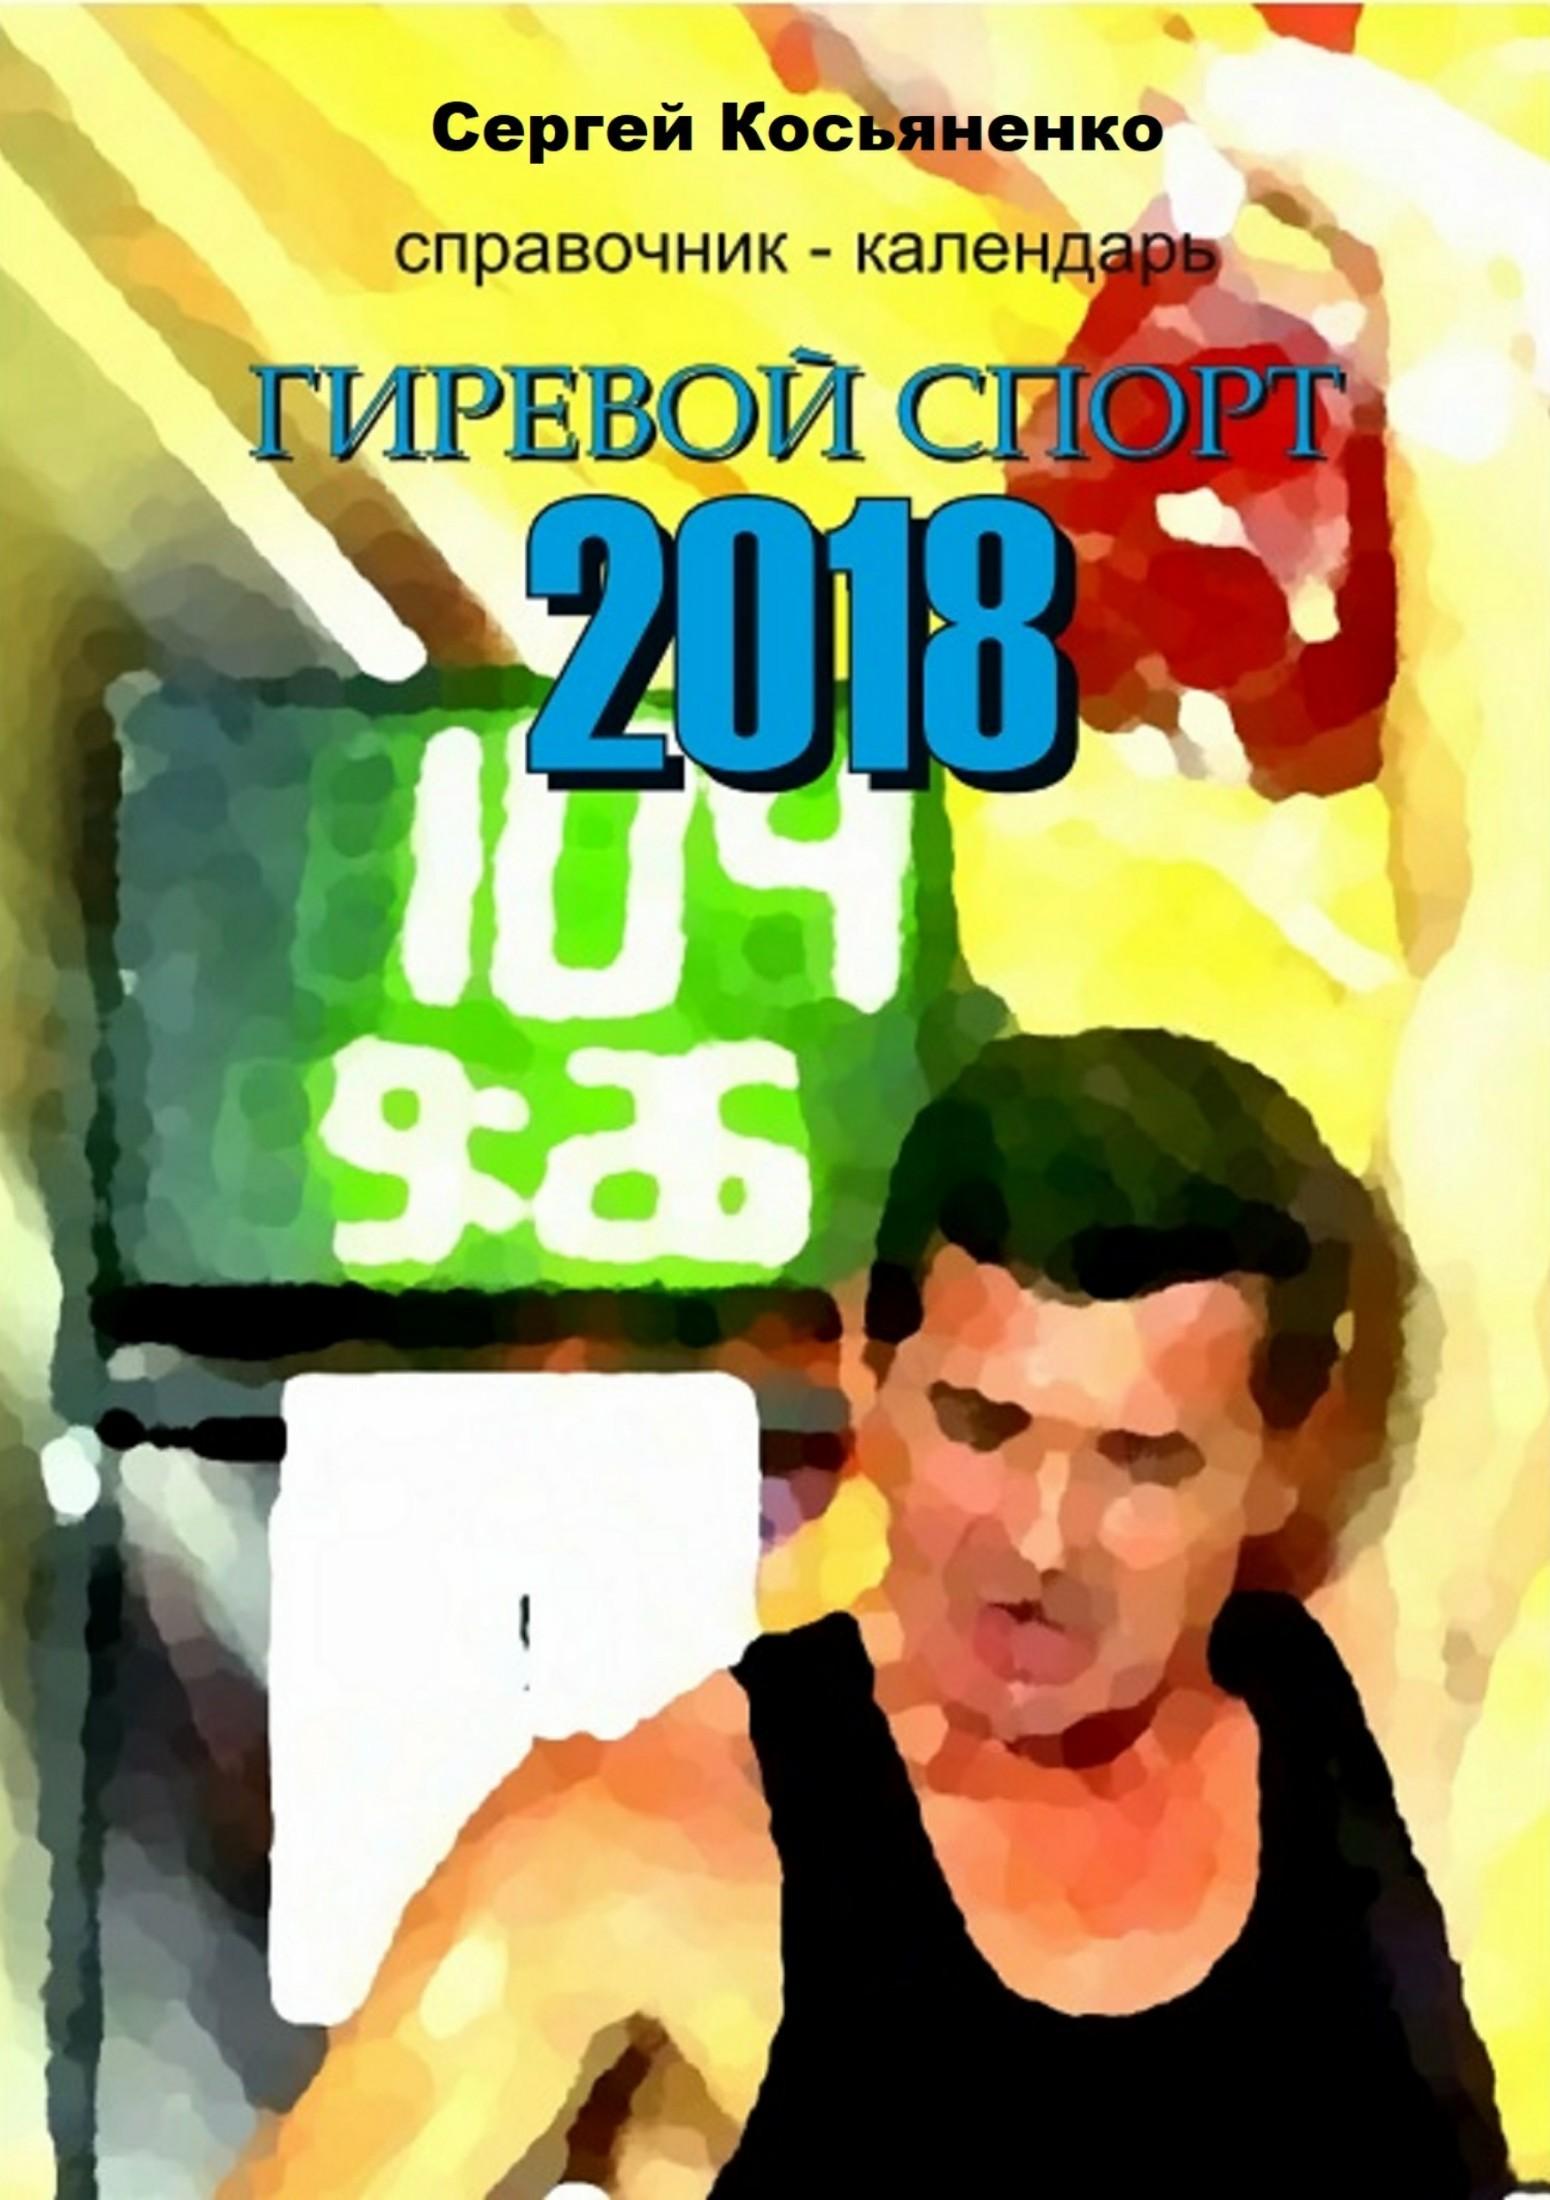 Сергей Иванович Косьяненко Справочник-календарь. Гиревой спорт 2018